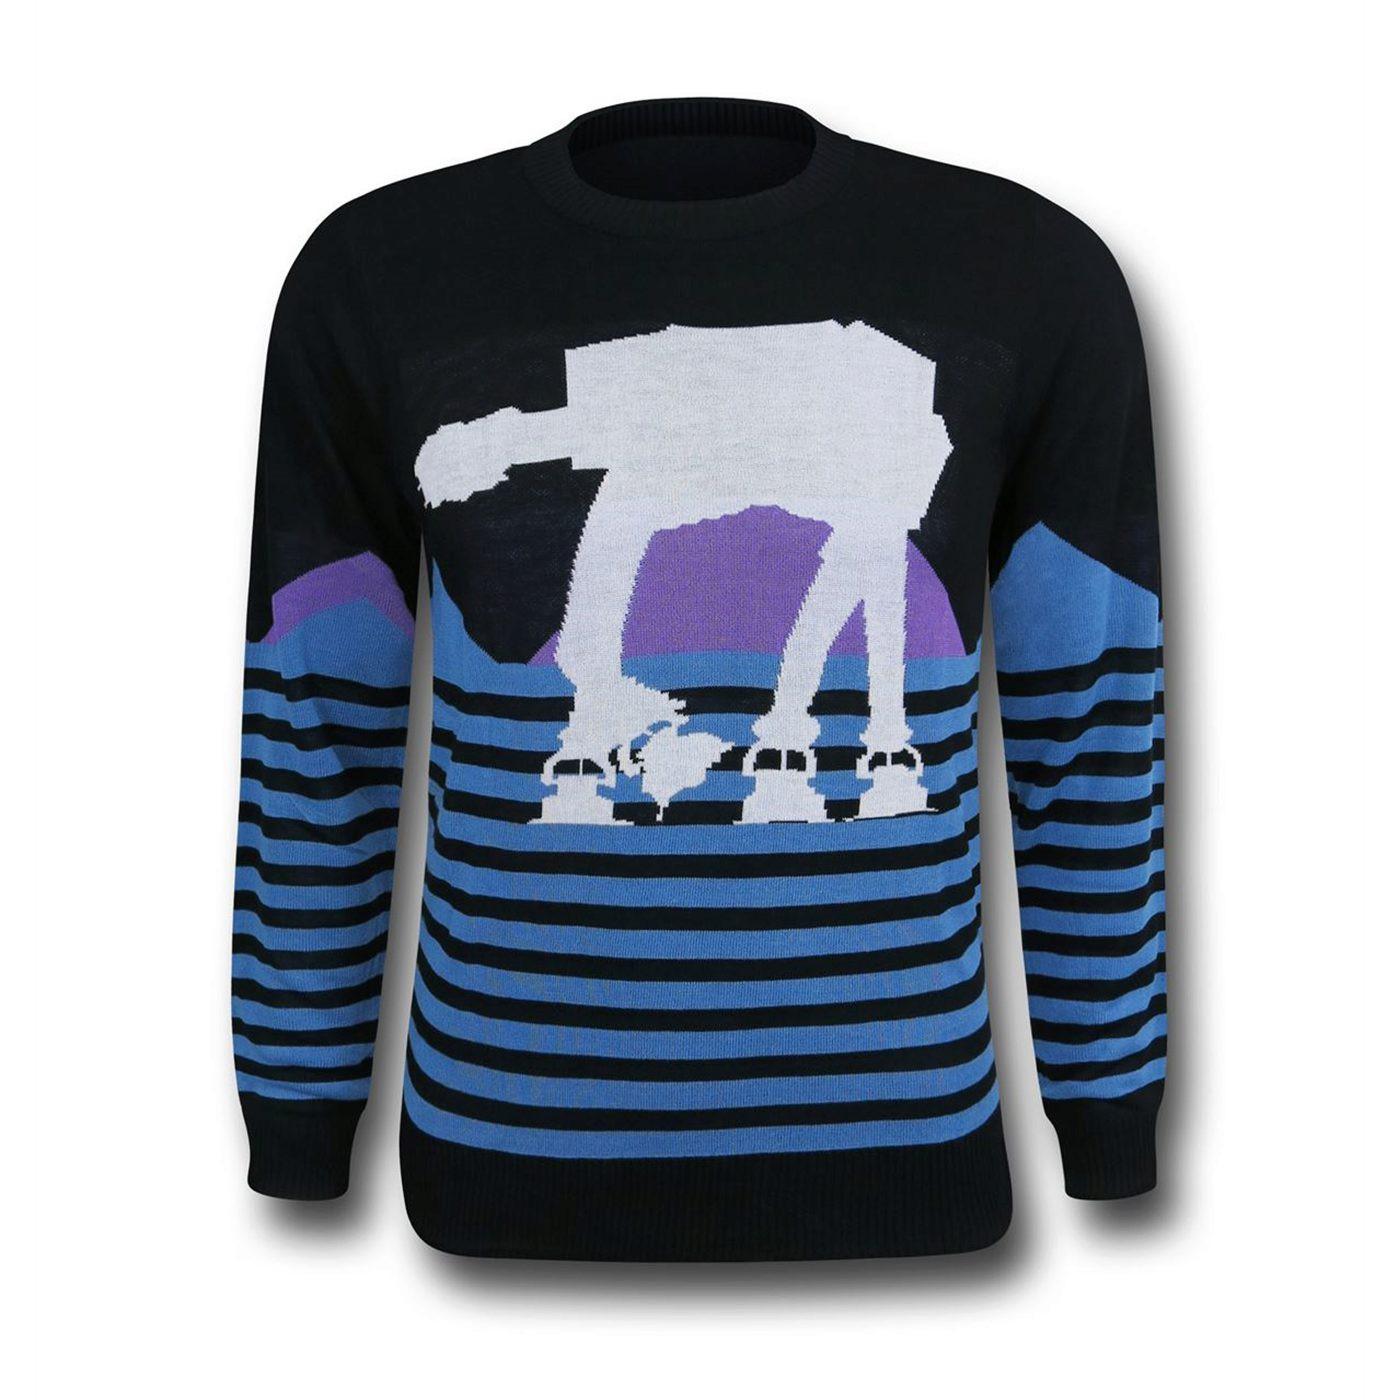 Star Wars AT-AT Sweater